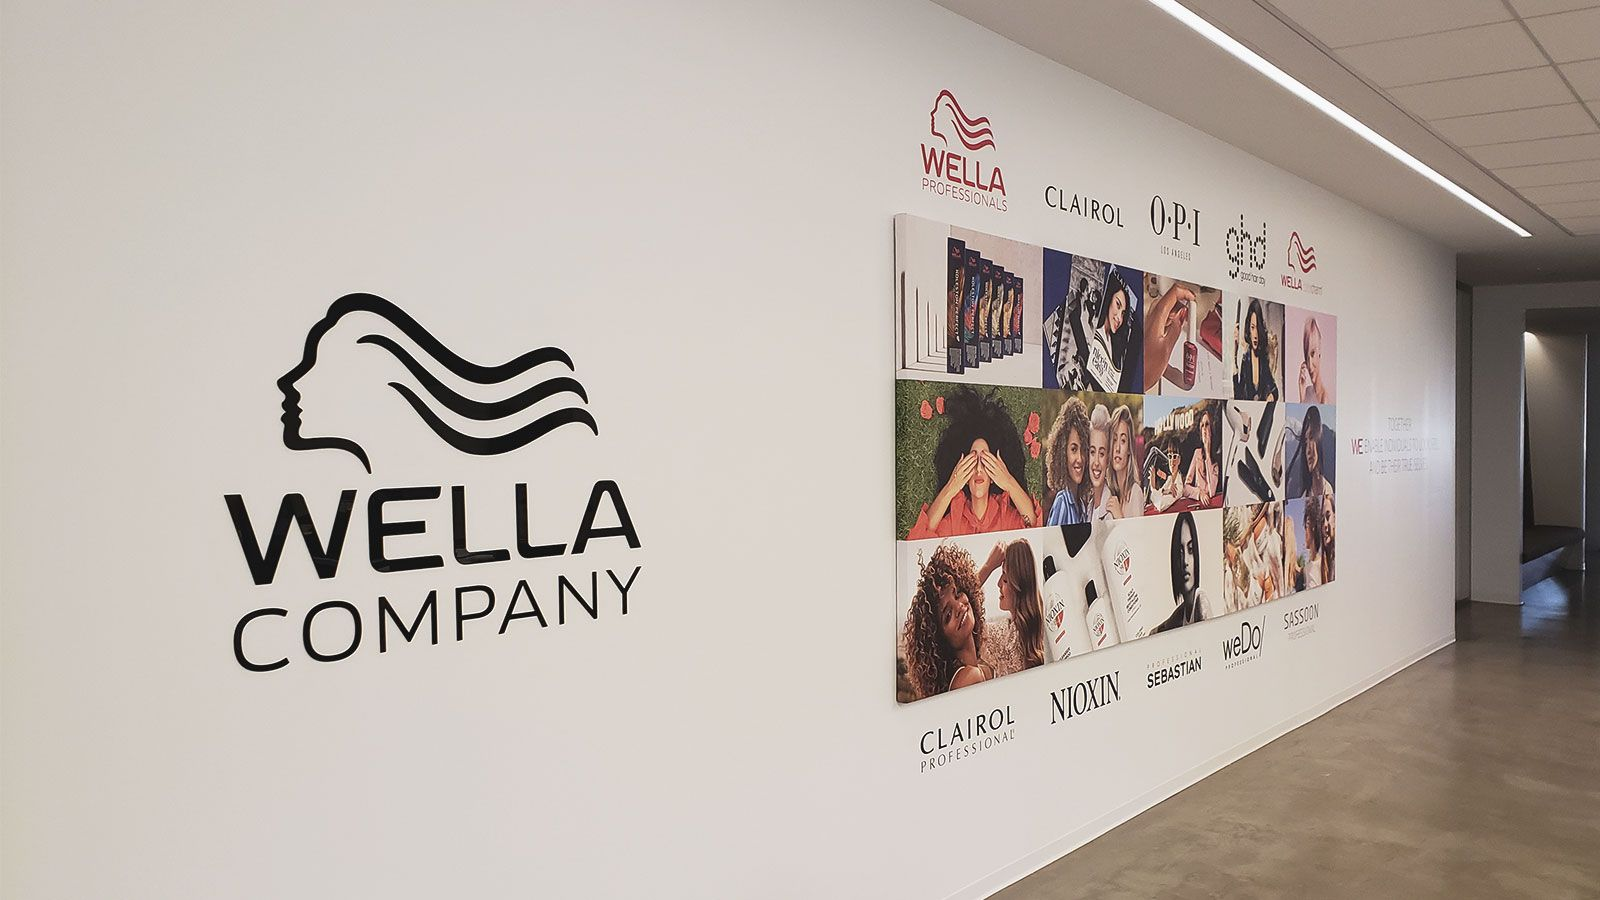 wella lobby signs